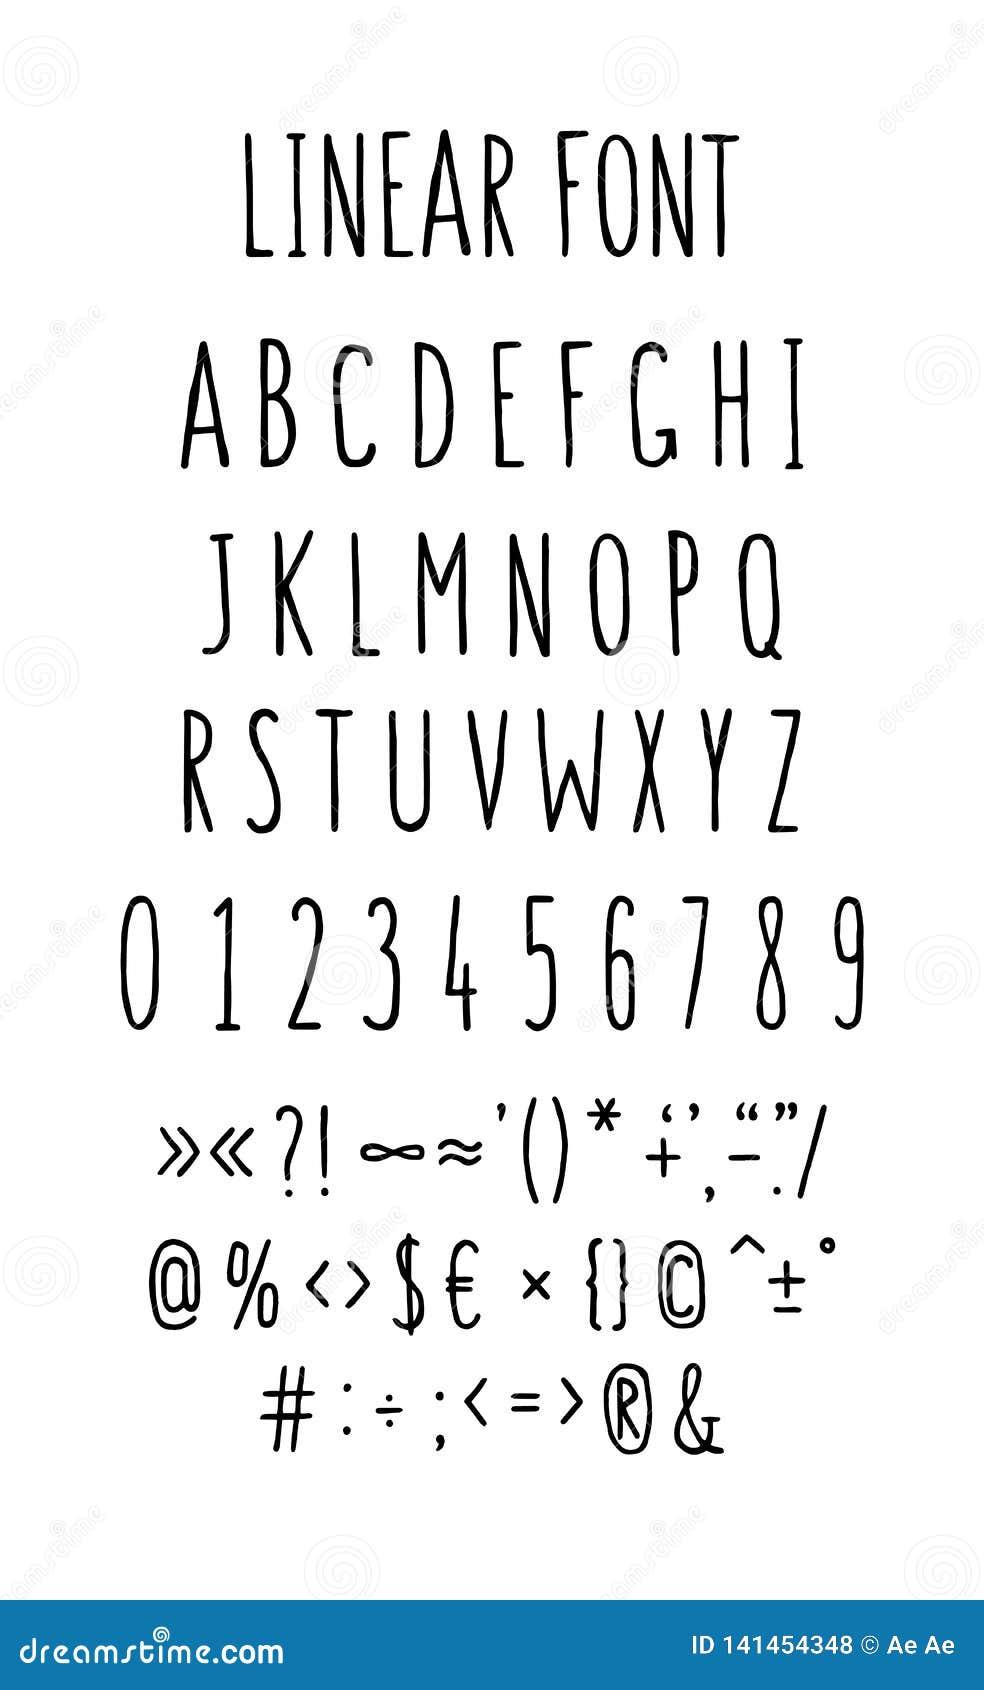 Σύνολο πηγών επιστολών και συμβόλων διάνυσμα Γραμμικές, επιστολές περιγράμματος Επίπεδο ύφος Λεπτά κεφαλαία γράμματα που τεντώνον